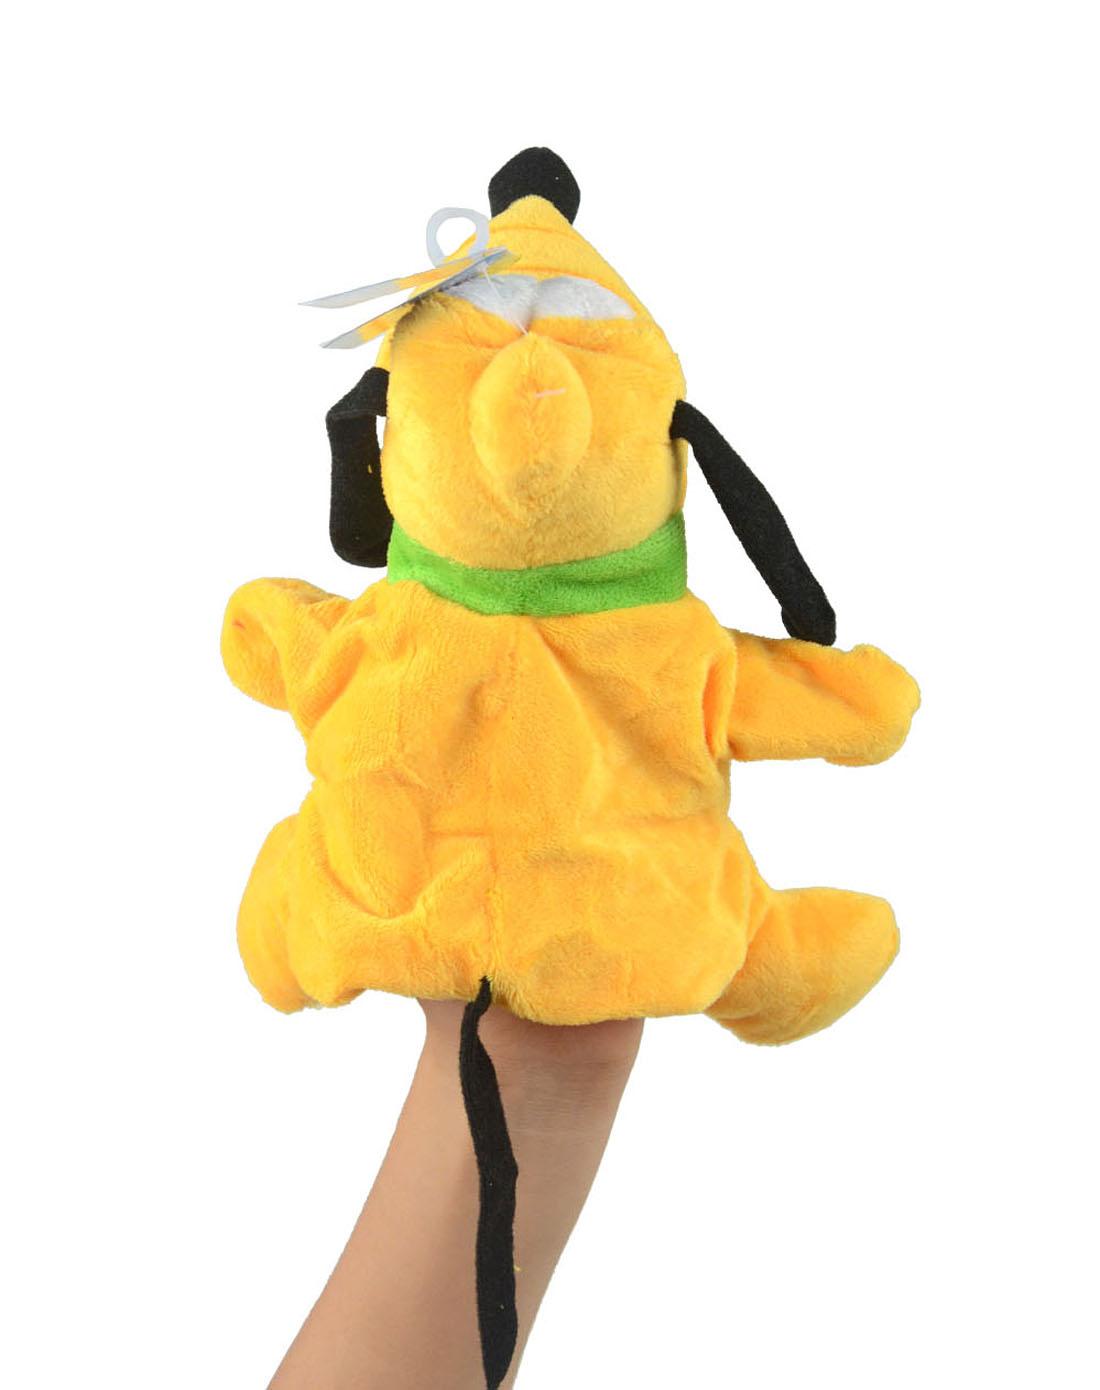 迪士尼浅黄色时尚卡通布鲁托手偶